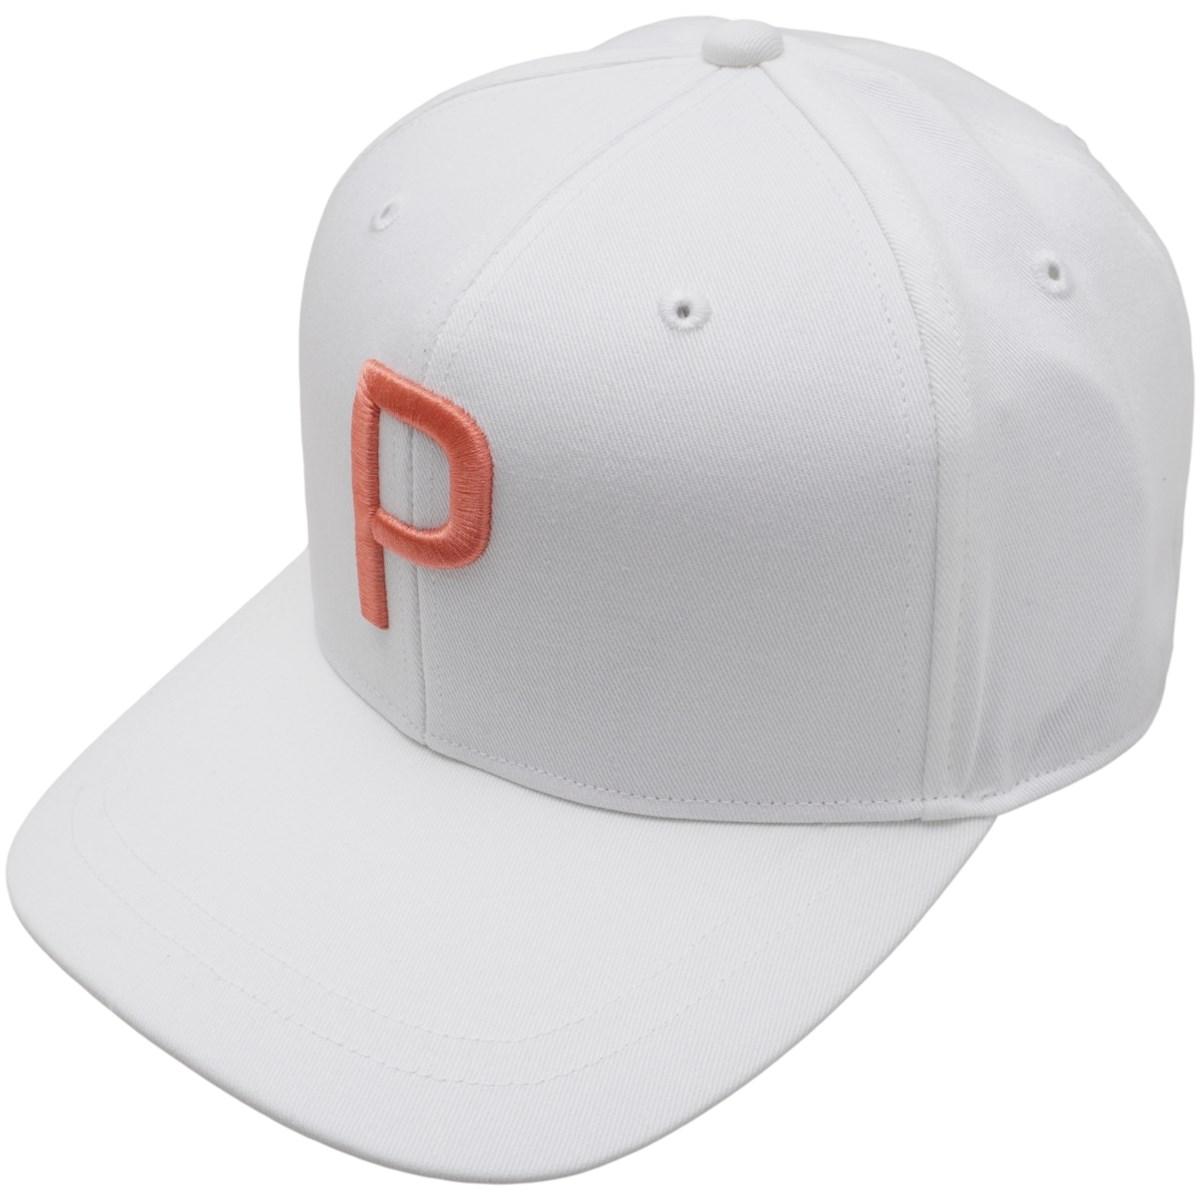 プーマ PUMA キャップ フリー ブライト ホワイト 03 レディス